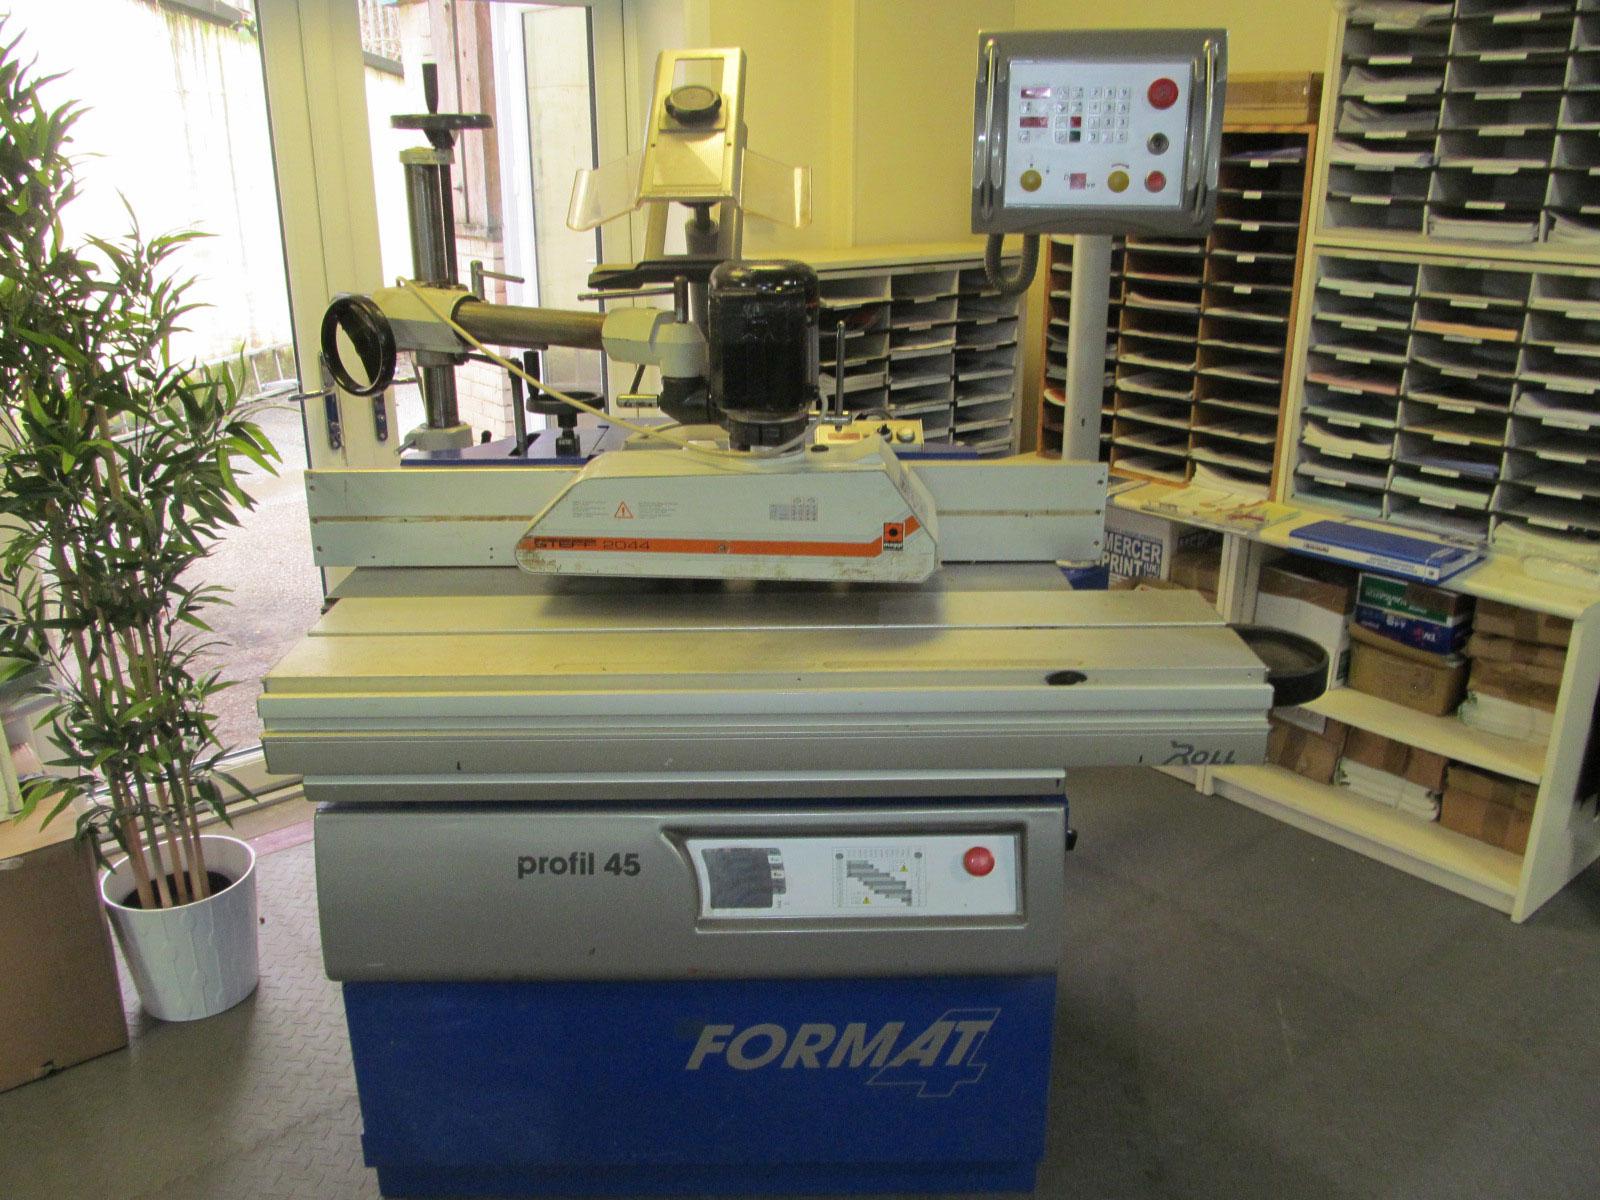 Felder Profil 45 electronic tilting spindle moulder